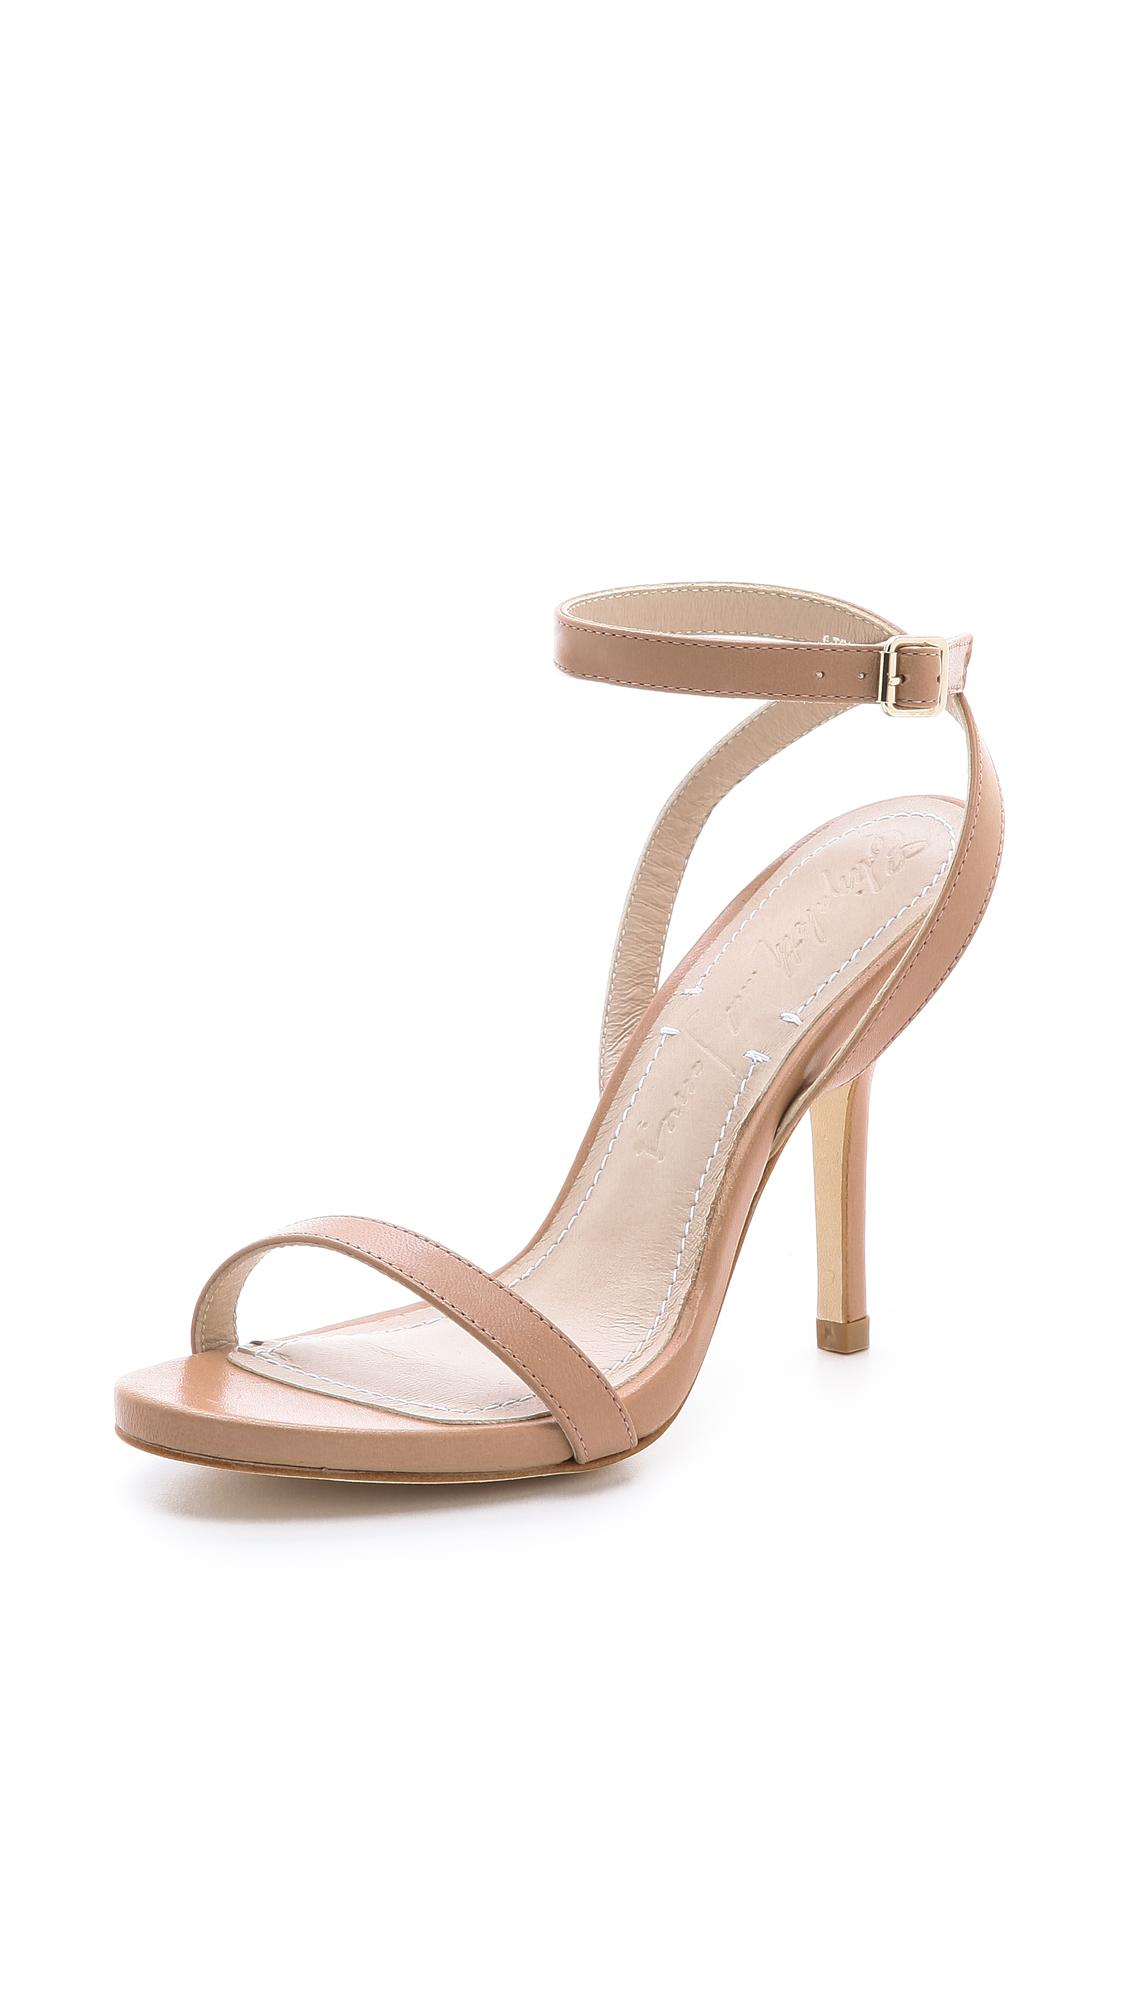 Beige Strappy Heels - Is Heel